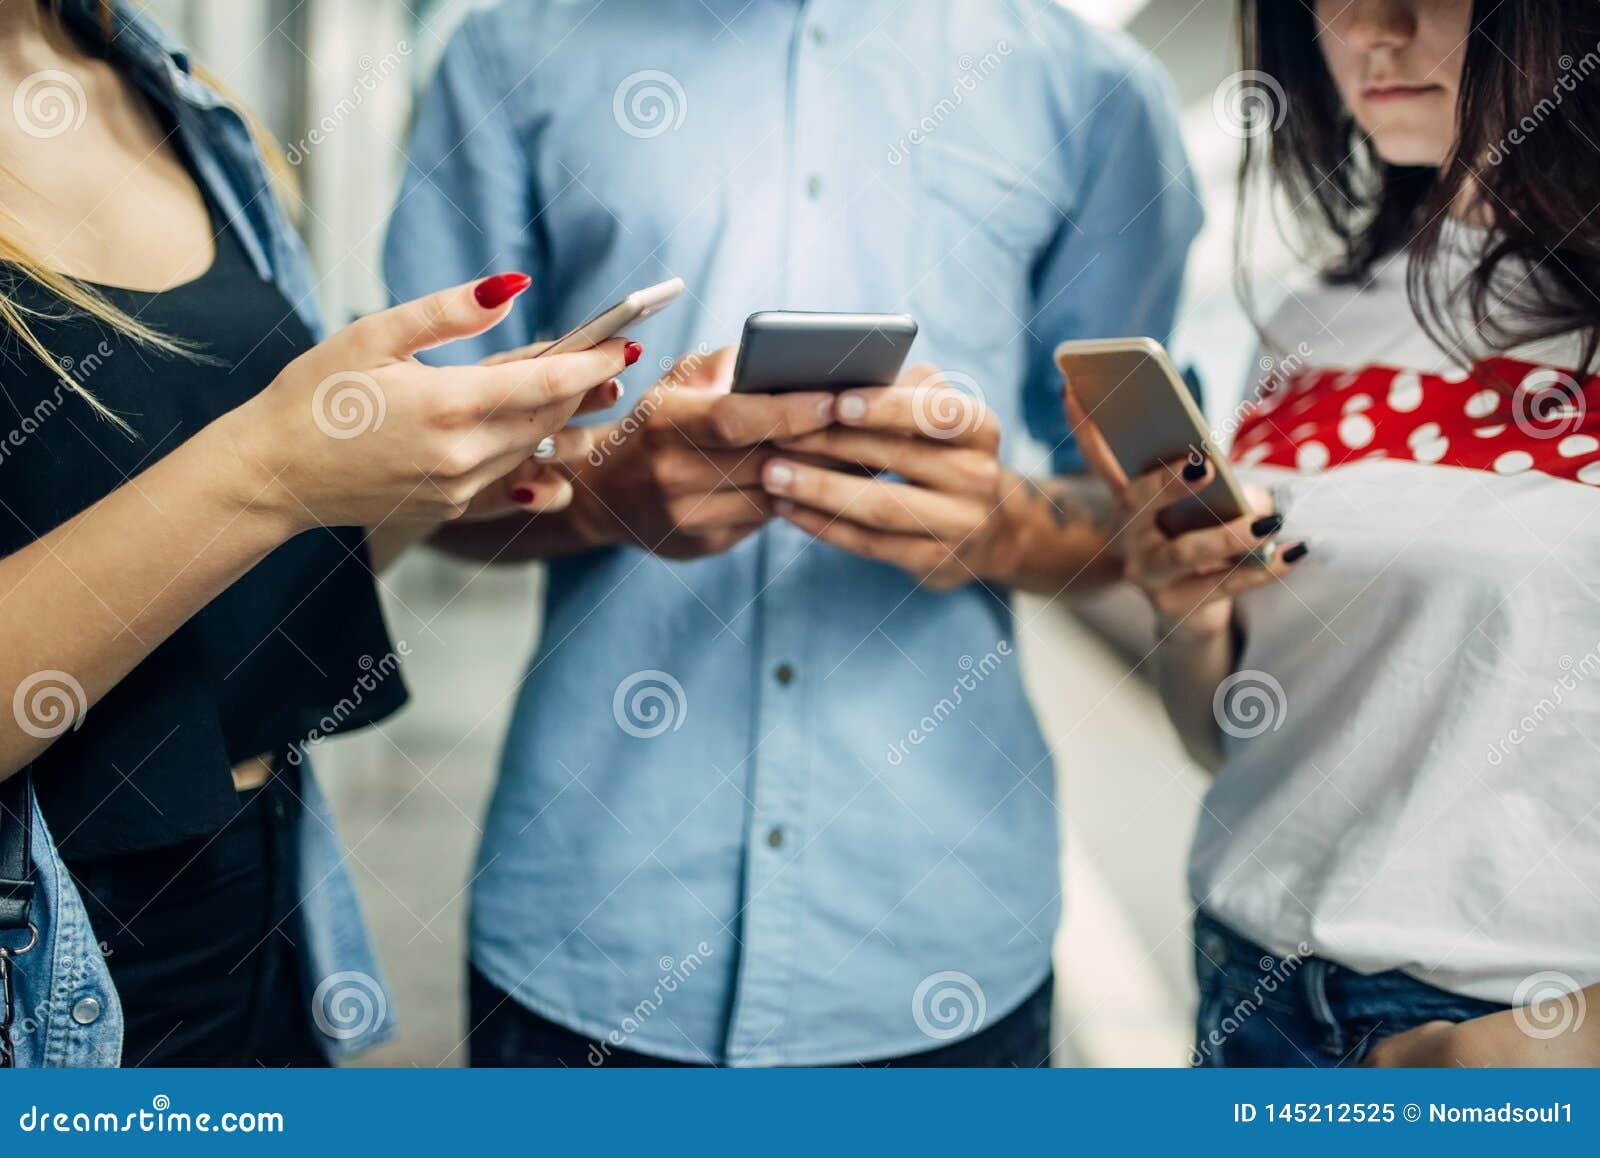 De jeugd die van de telefoonverslaafde gadgets in metro gebruiken